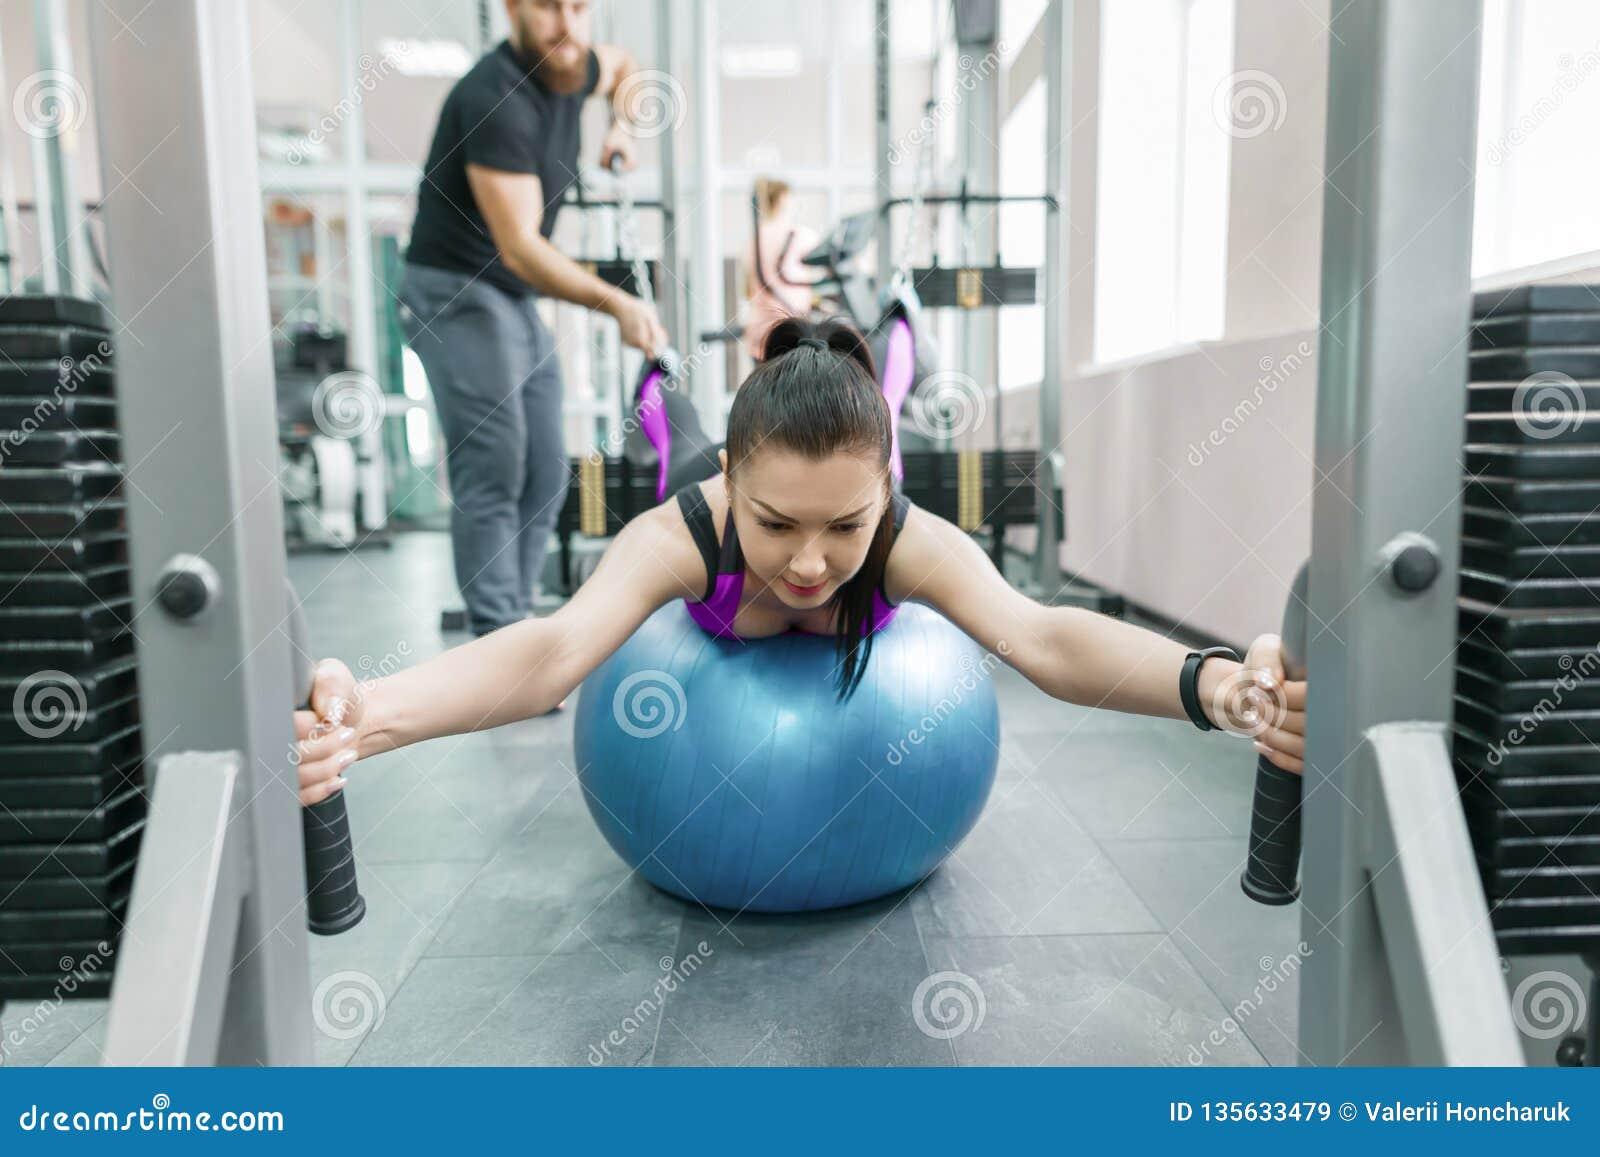 Kinesisteknologi, kinesitherapy, sund livsstil Ung kvinna som gör rehabiliteringövningar med personligt använda för instruktör